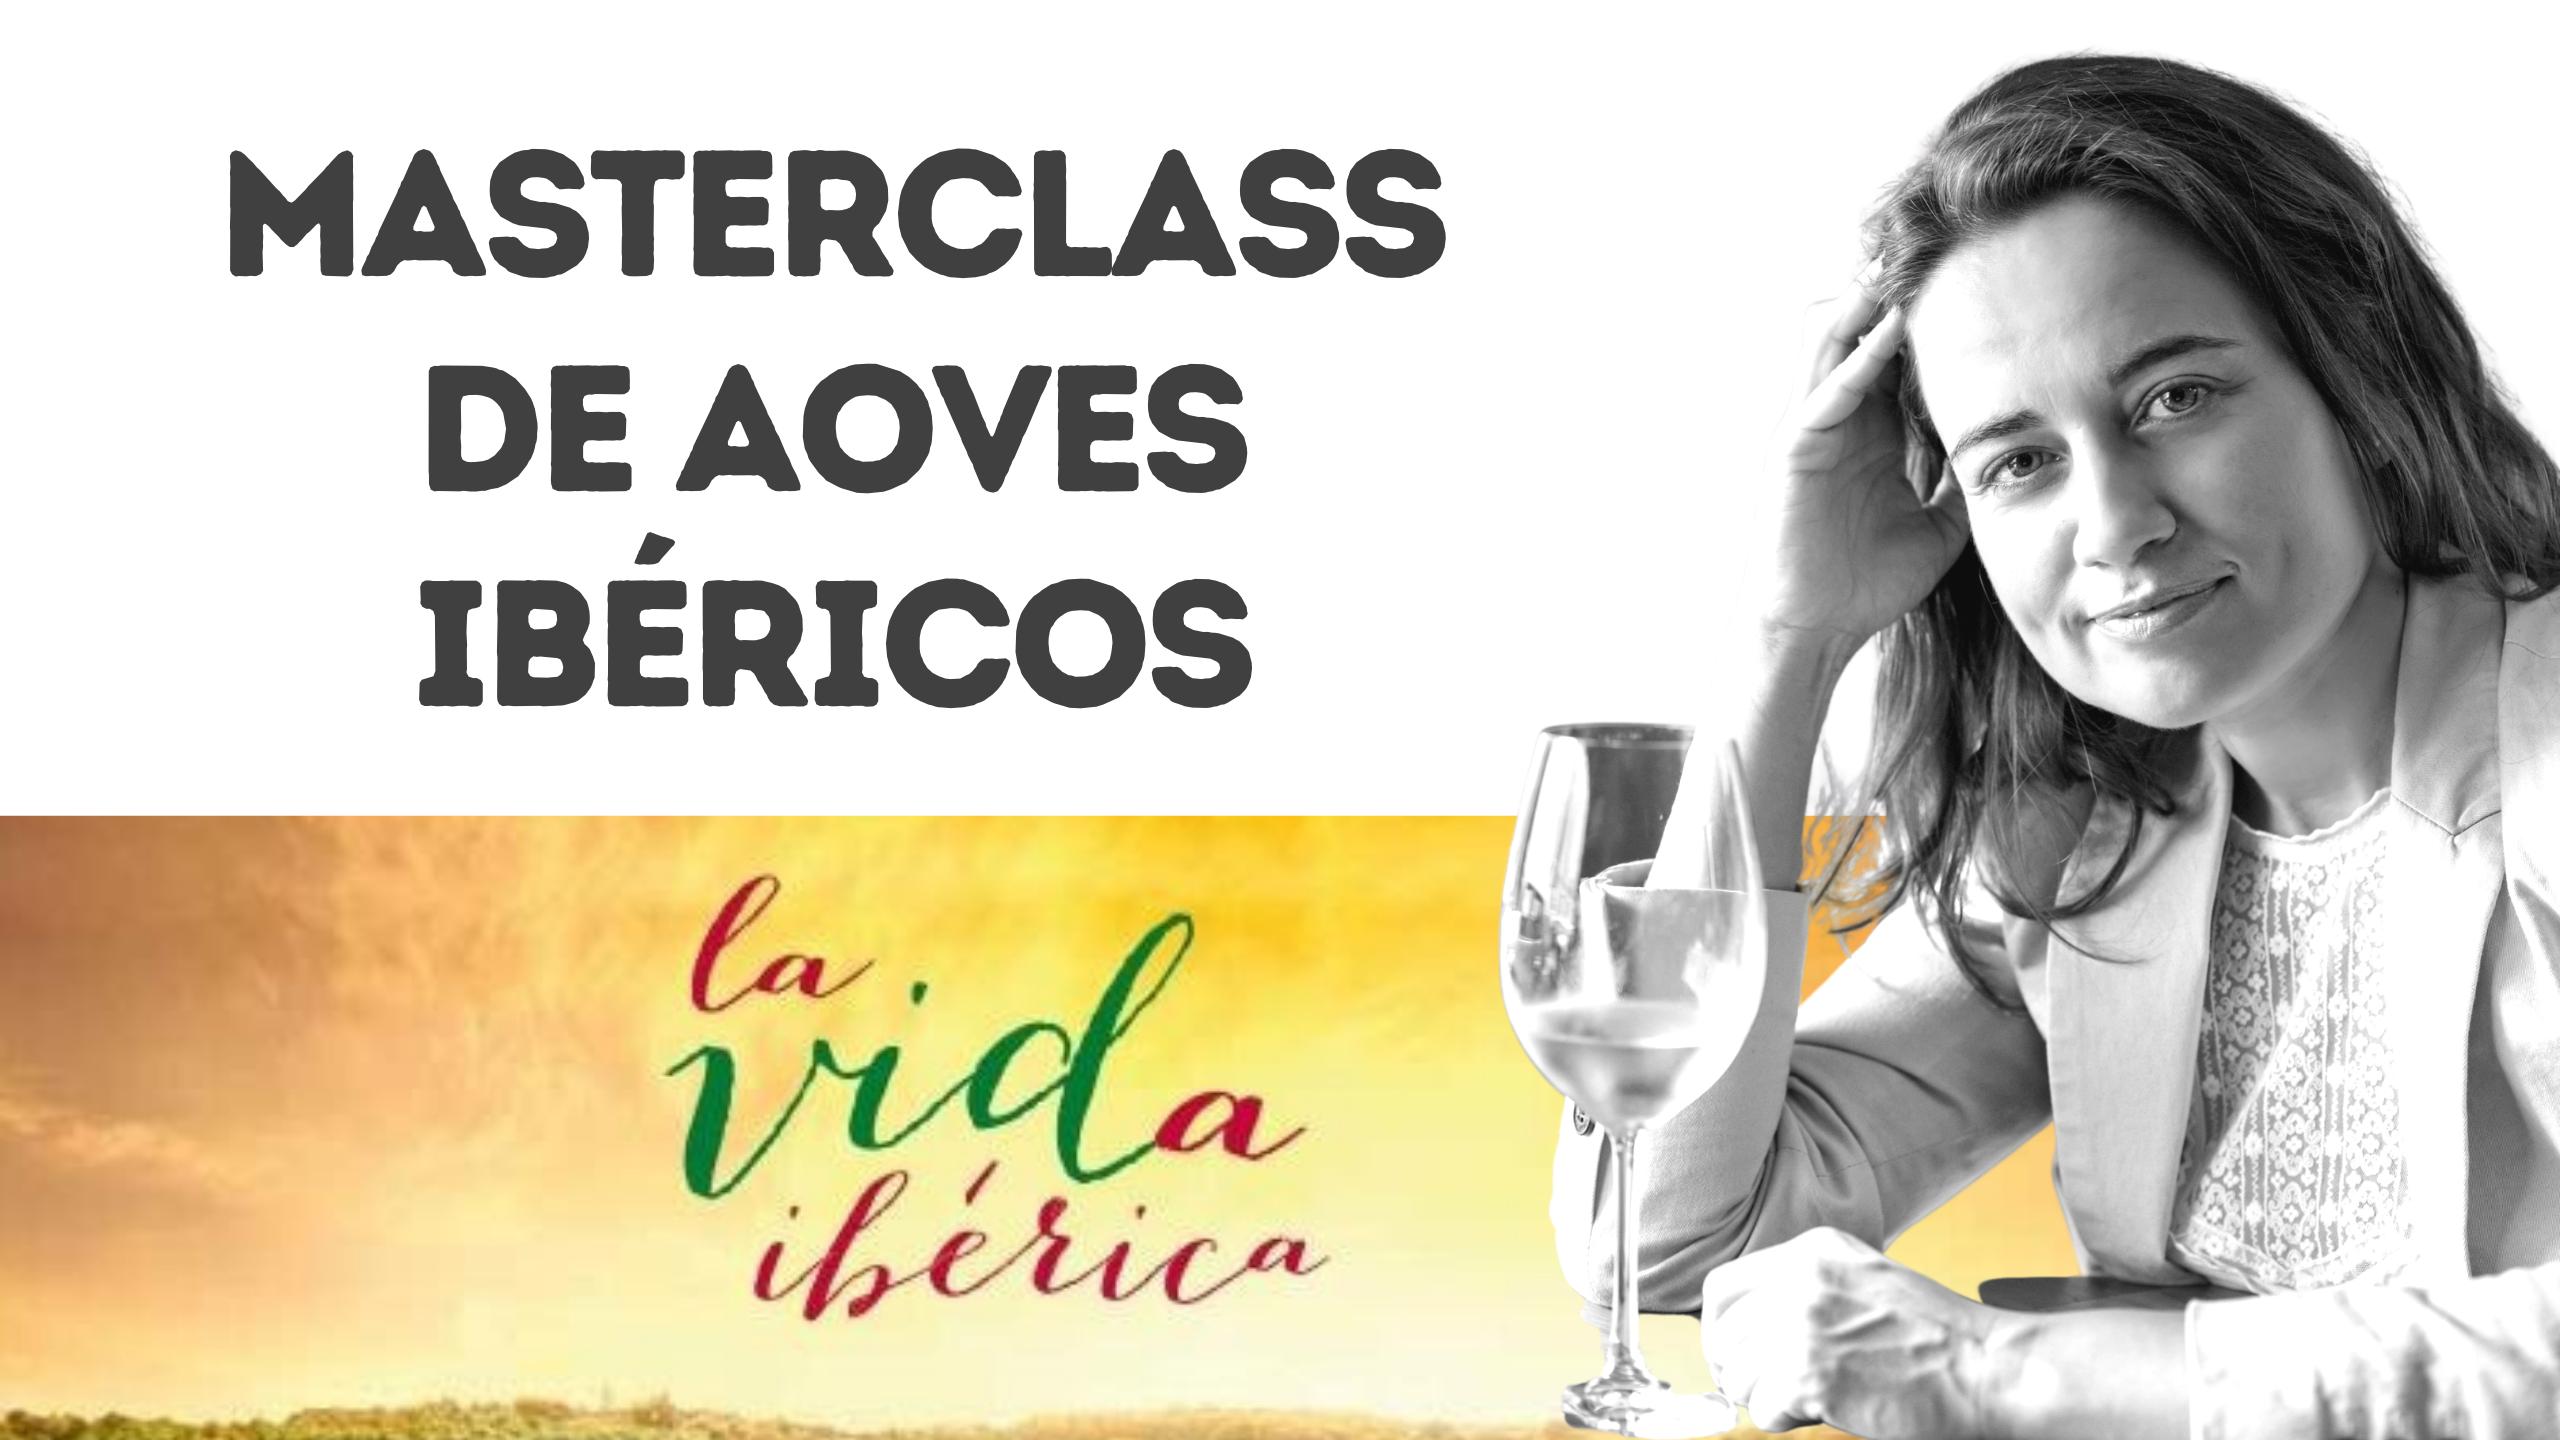 MasterClass AOVE Ibérico. Introducción a la Cata de Aceite de Oliva